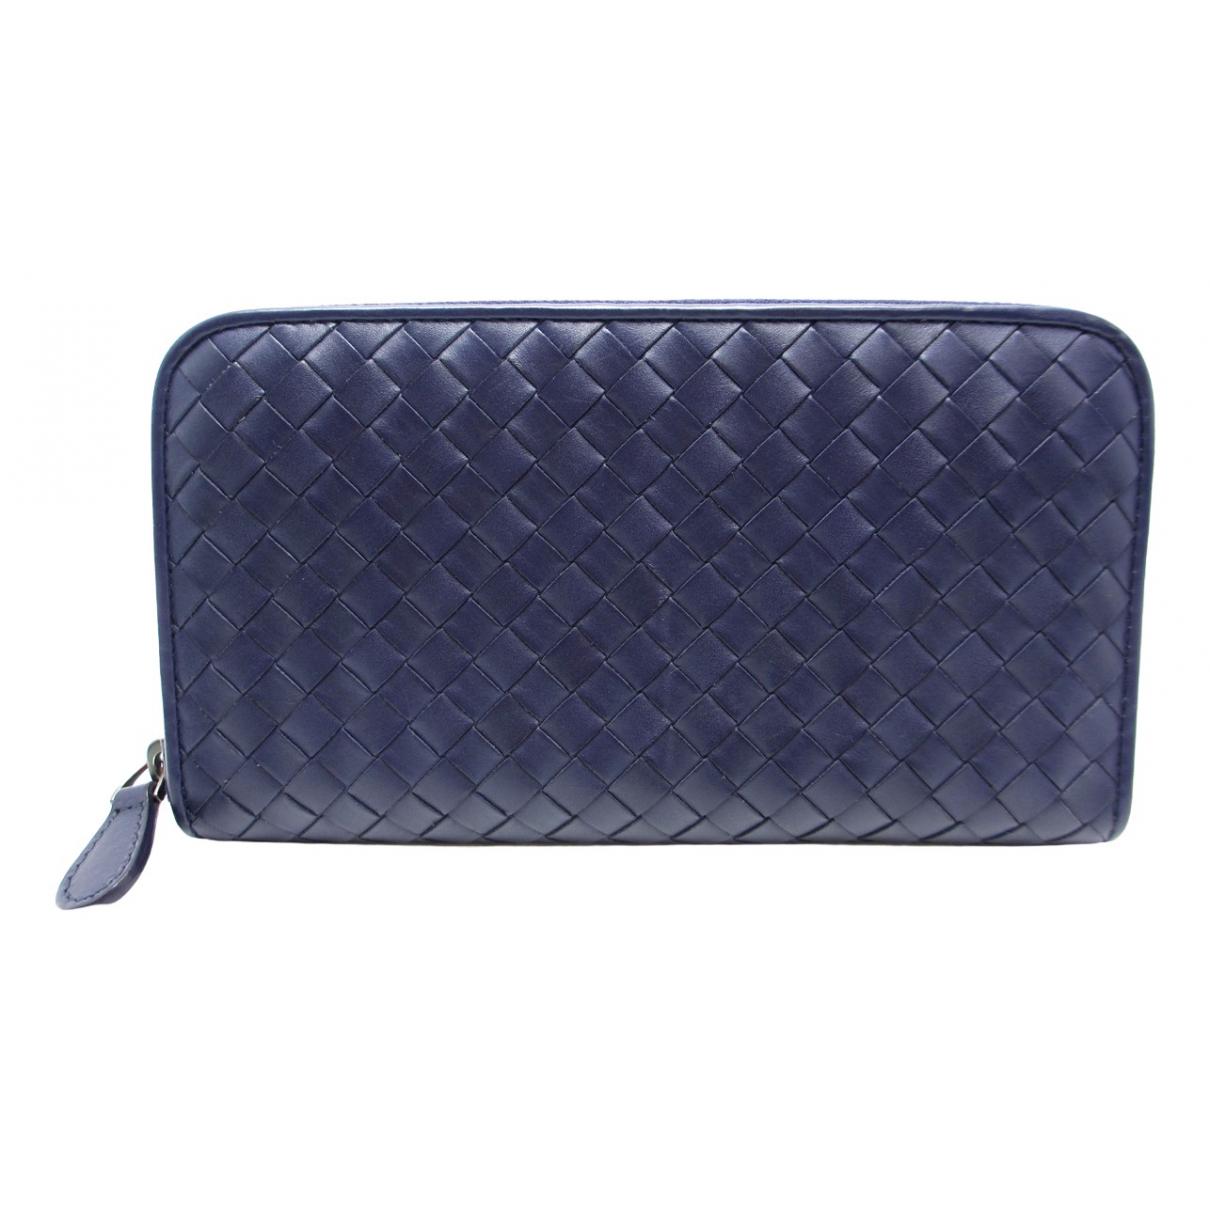 Bottega Veneta - Portefeuille Intrecciato pour femme en cuir - violet